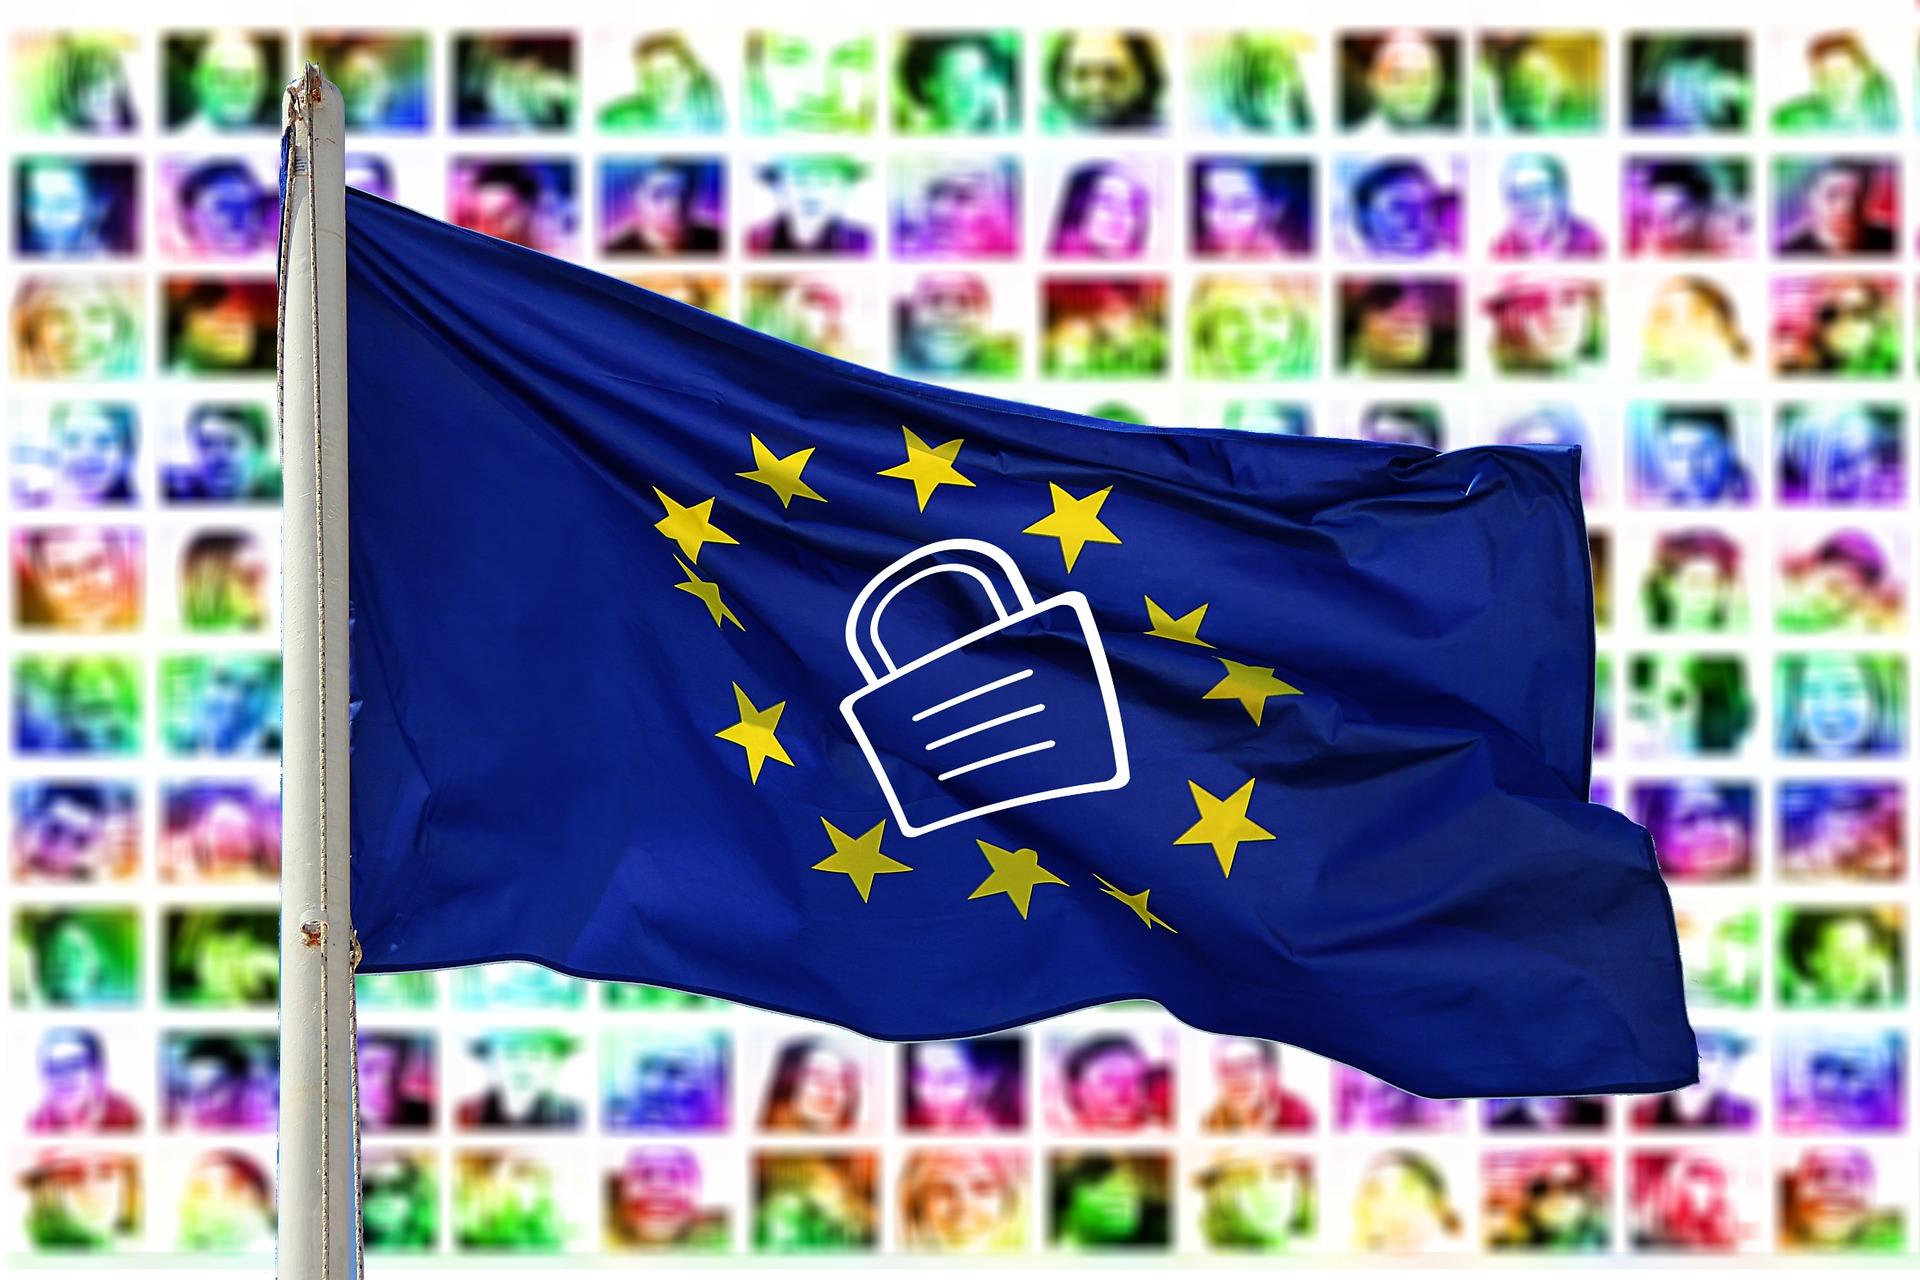 RGPD : Les Points Clés À Retenir Sur La Nouvelle Loi Européenne